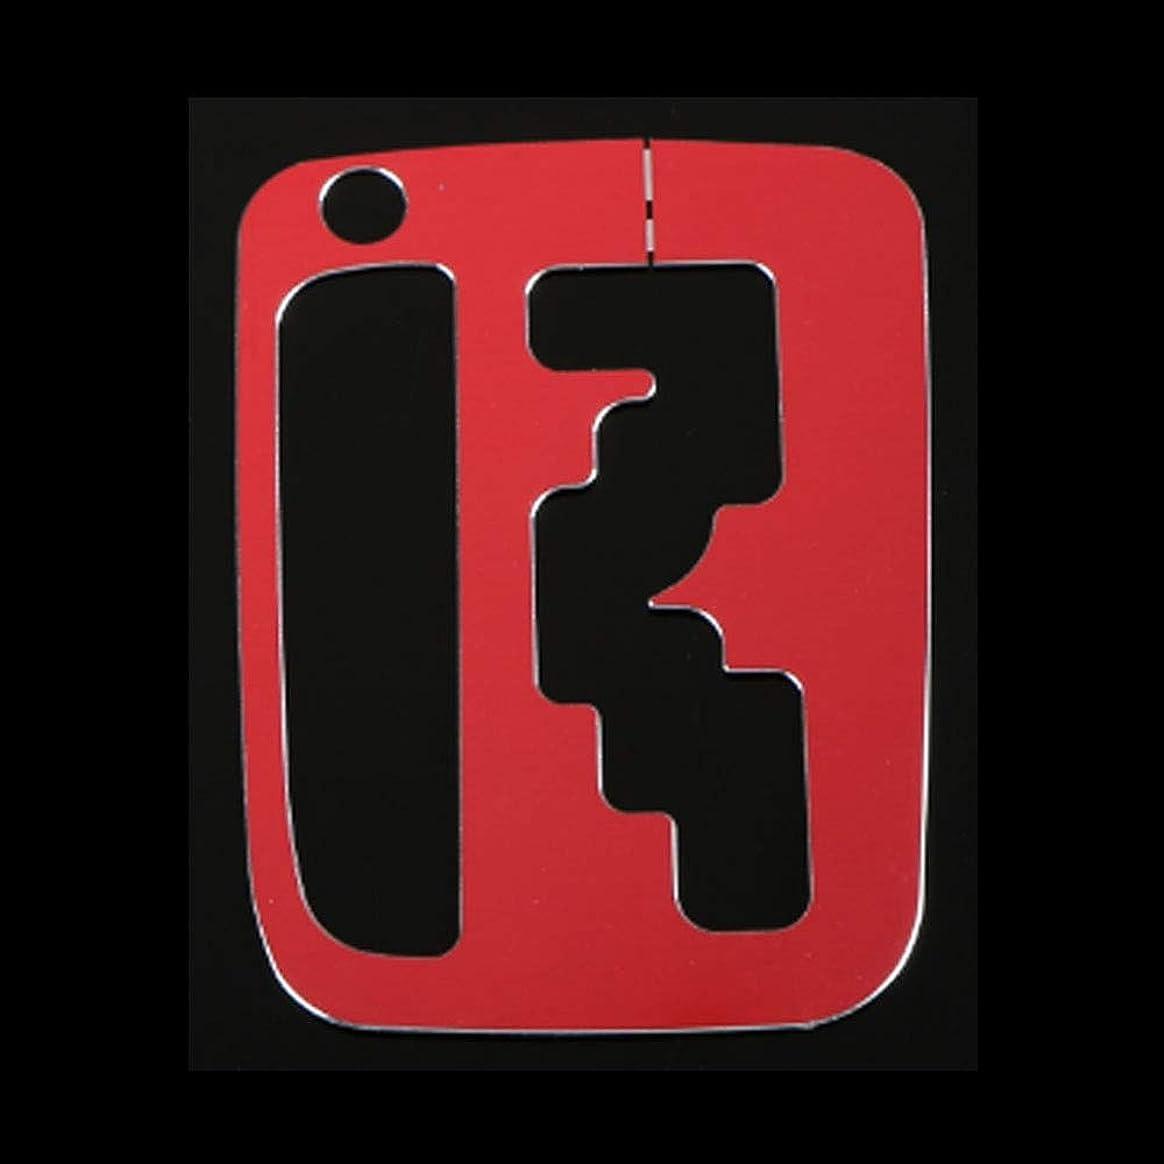 押し下げる覚醒反対したJicorzo - Interior Gear Shift Box Cover Trim Console Transfer Frame Car-Styling Aluminum Alloy For Suzuki Jimny 2012-2016 Car Accessories [Red]